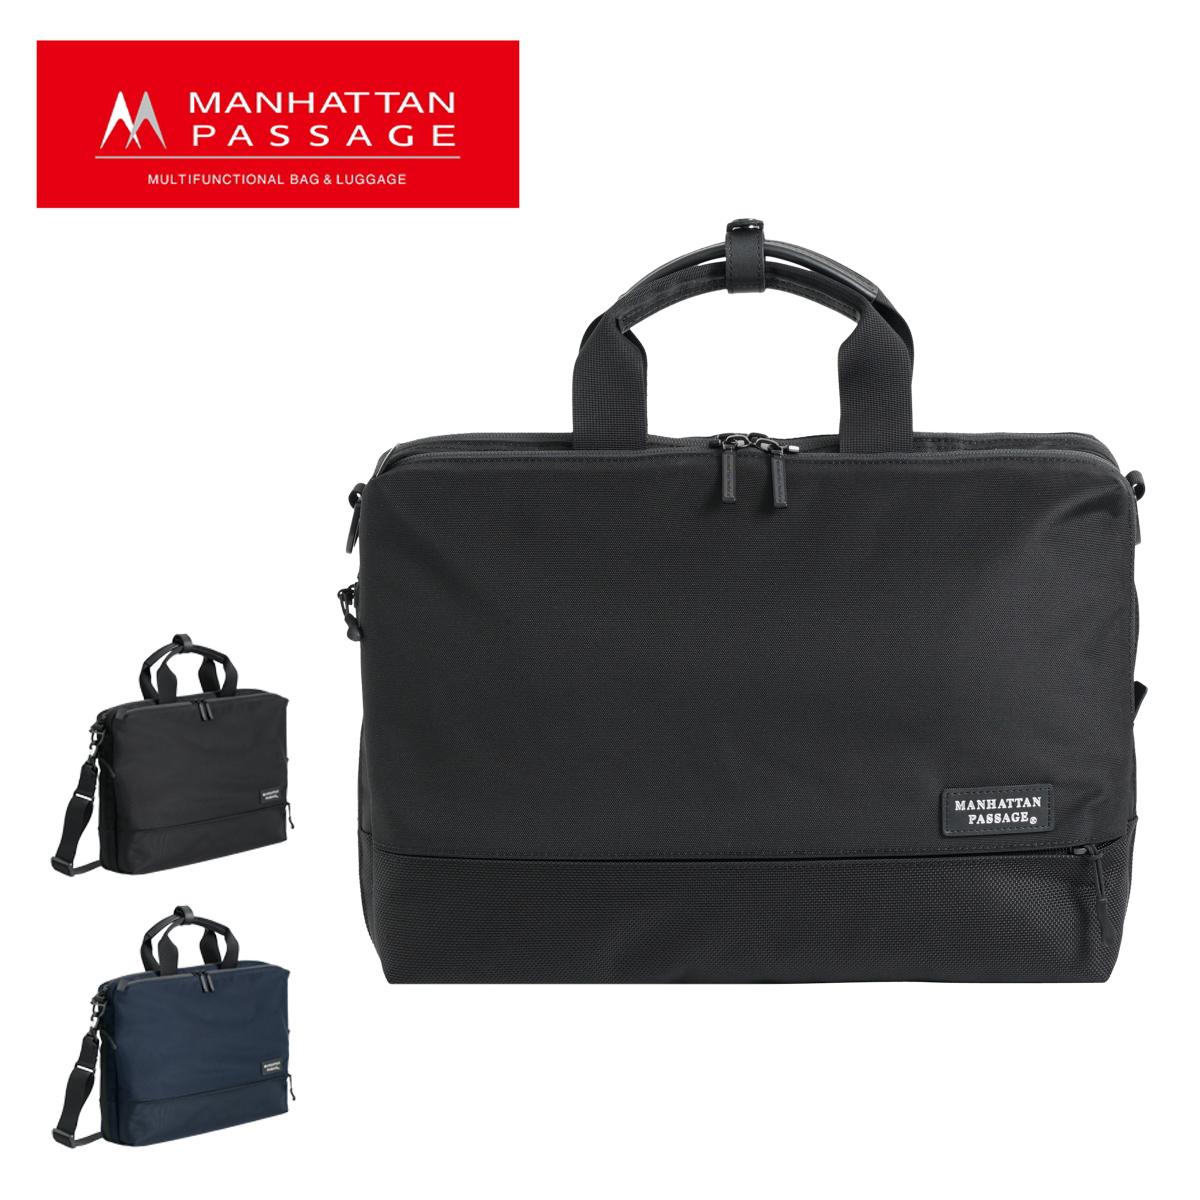 マンハッタンパッセージ ブリーフケース 2WAY EST メンズ5411 MANHATTAN PASSAGE | ショルダーバッグ ビジネスバッグ A4 高密度ナイロン 撥水 軽量[PO10]